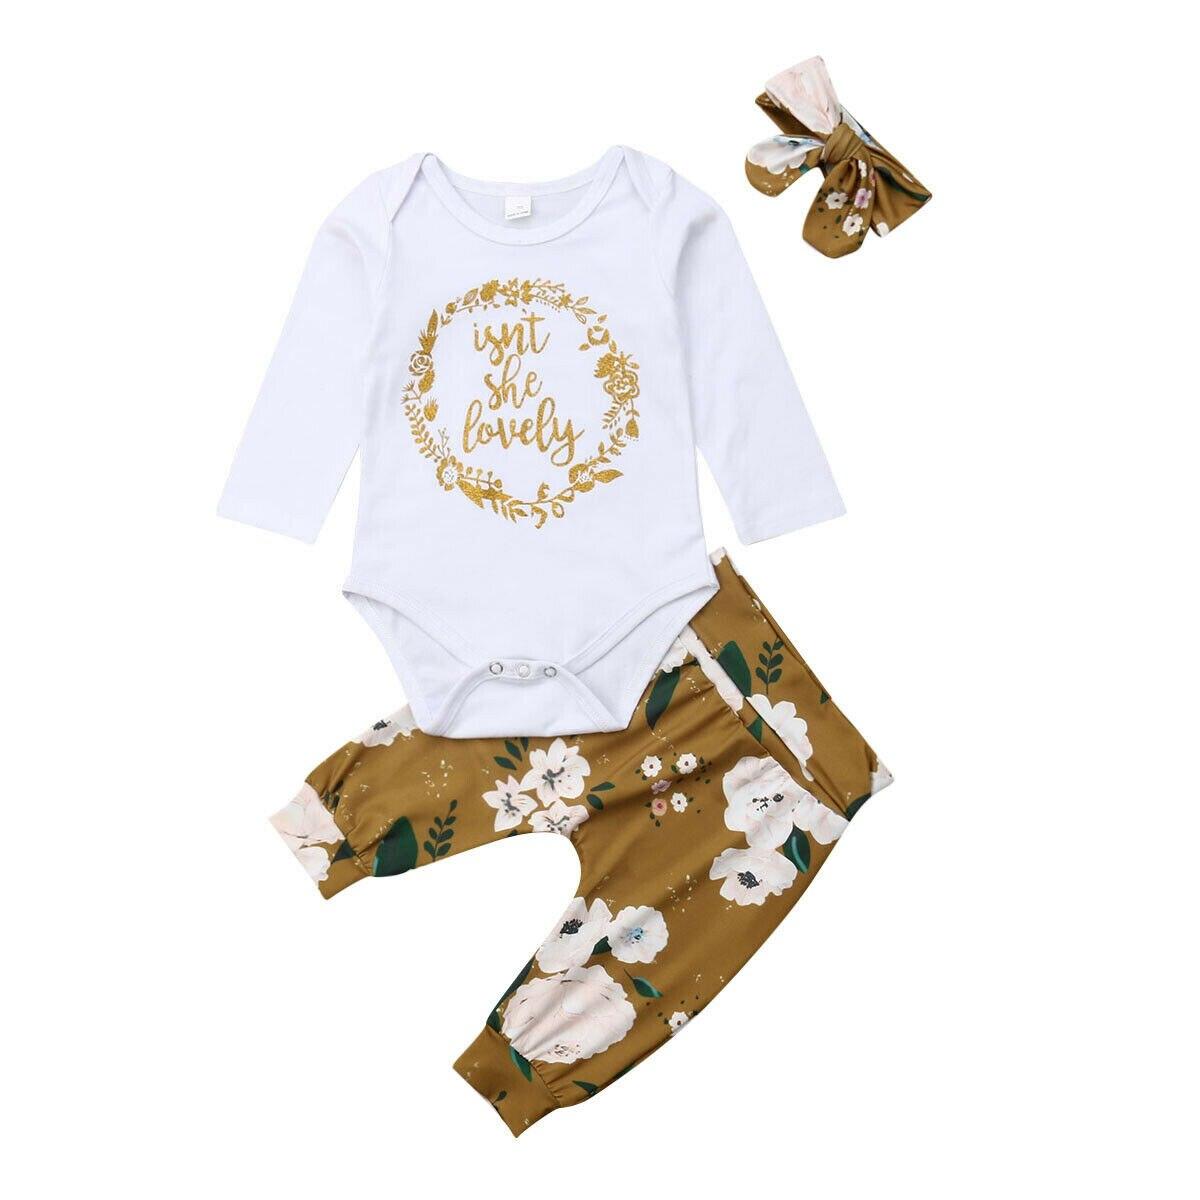 0-18 M Neugeborenes Baby Mädchen Langarm Baumwolle Strampler Tops Floral Lange Hose Hosen Stirnband 3 Pcs Outfits Baby Kleidung Set